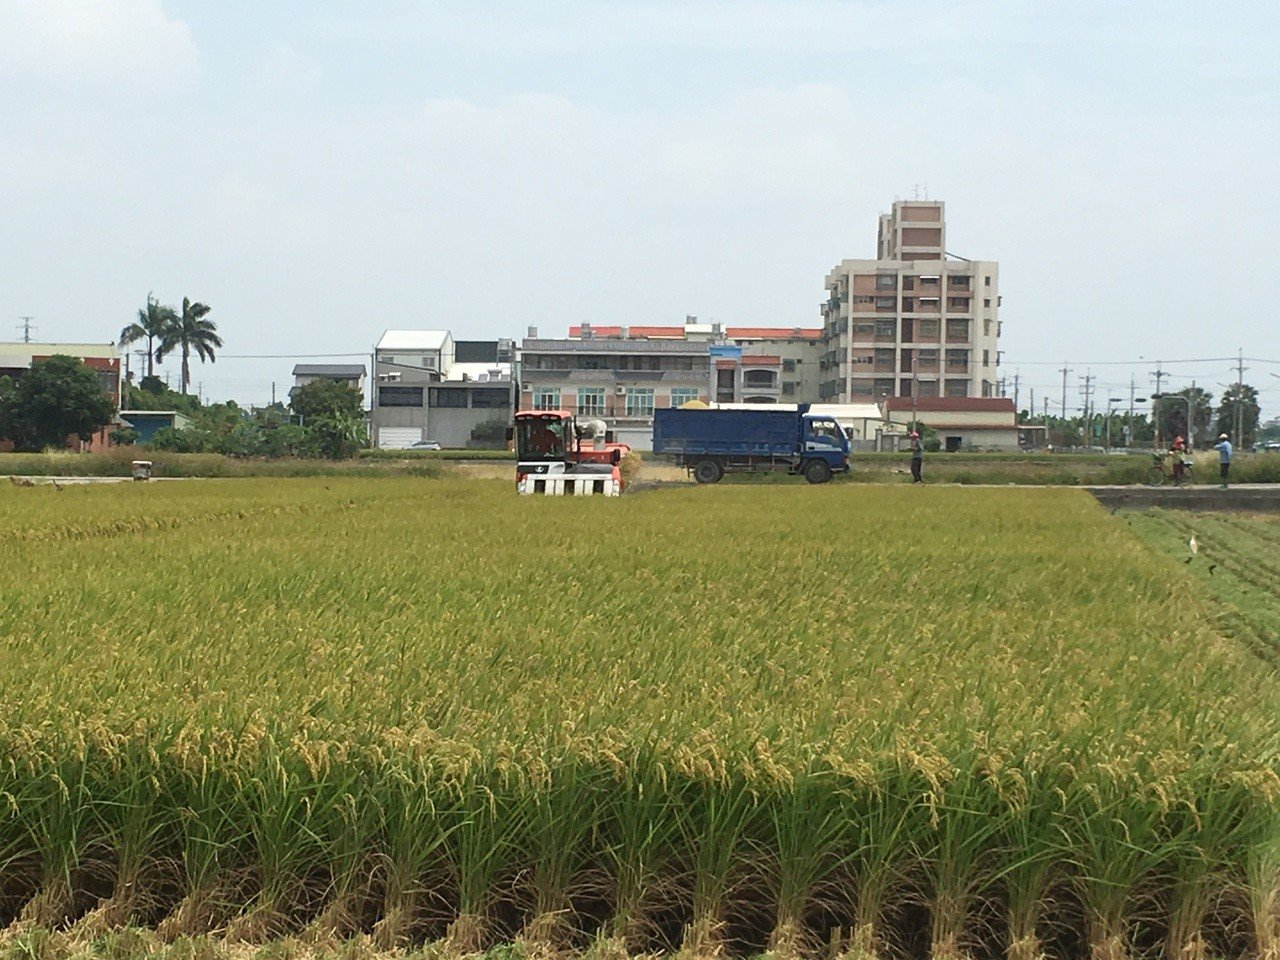 雲林縣一期稻作開始收割,西螺鎮農會首日每百台斤濕穀收購價約920元。記者陳雅玲/...